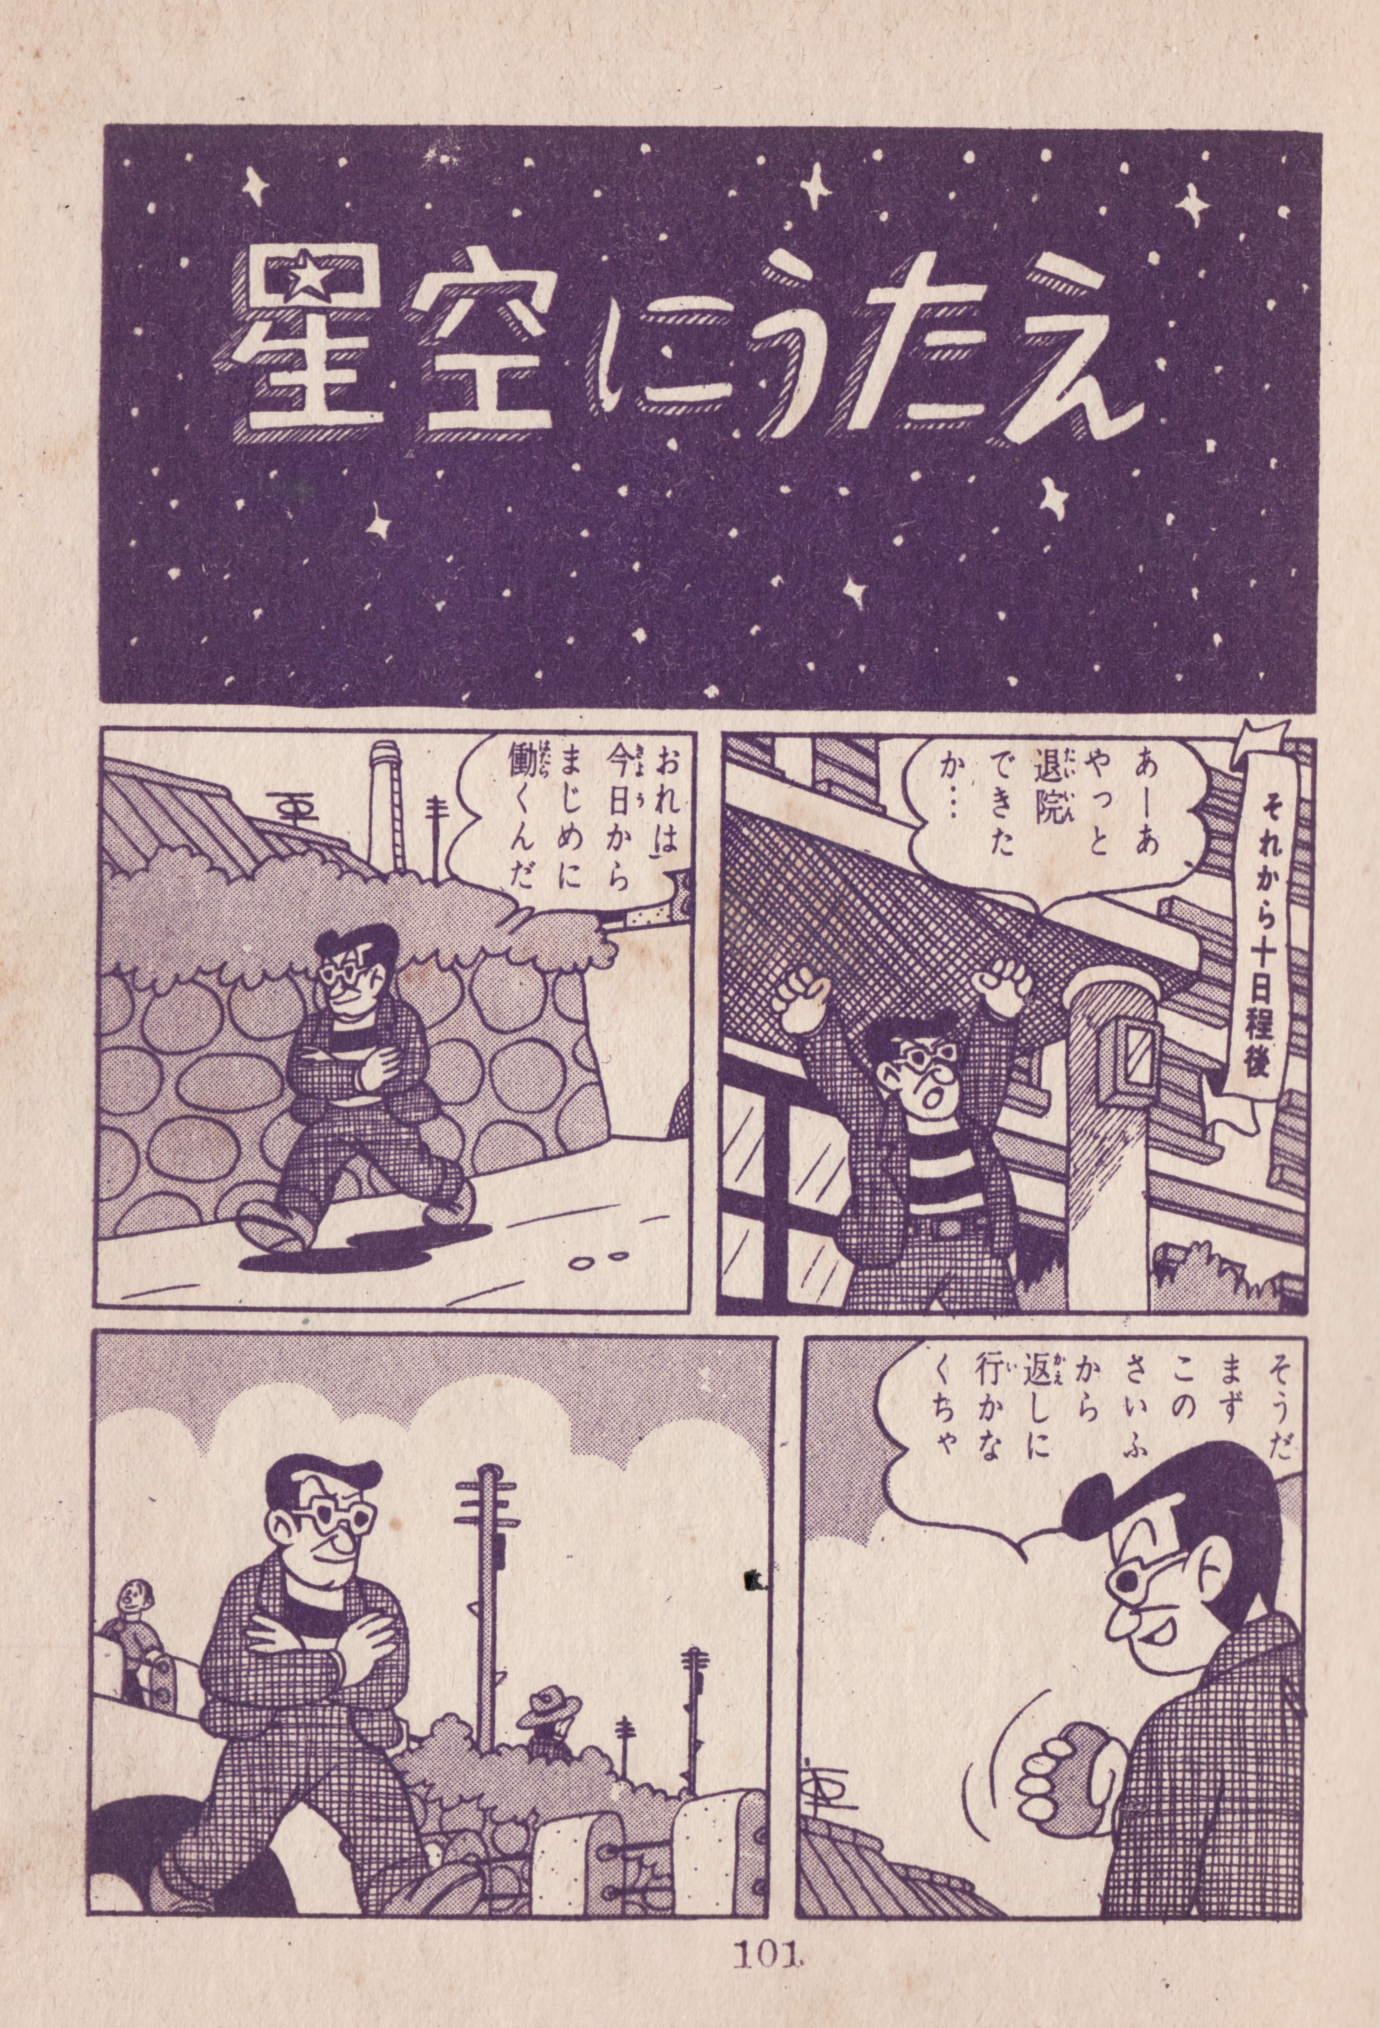 Masai Akiyoshi - Hoshizora ni uta e ba - 101